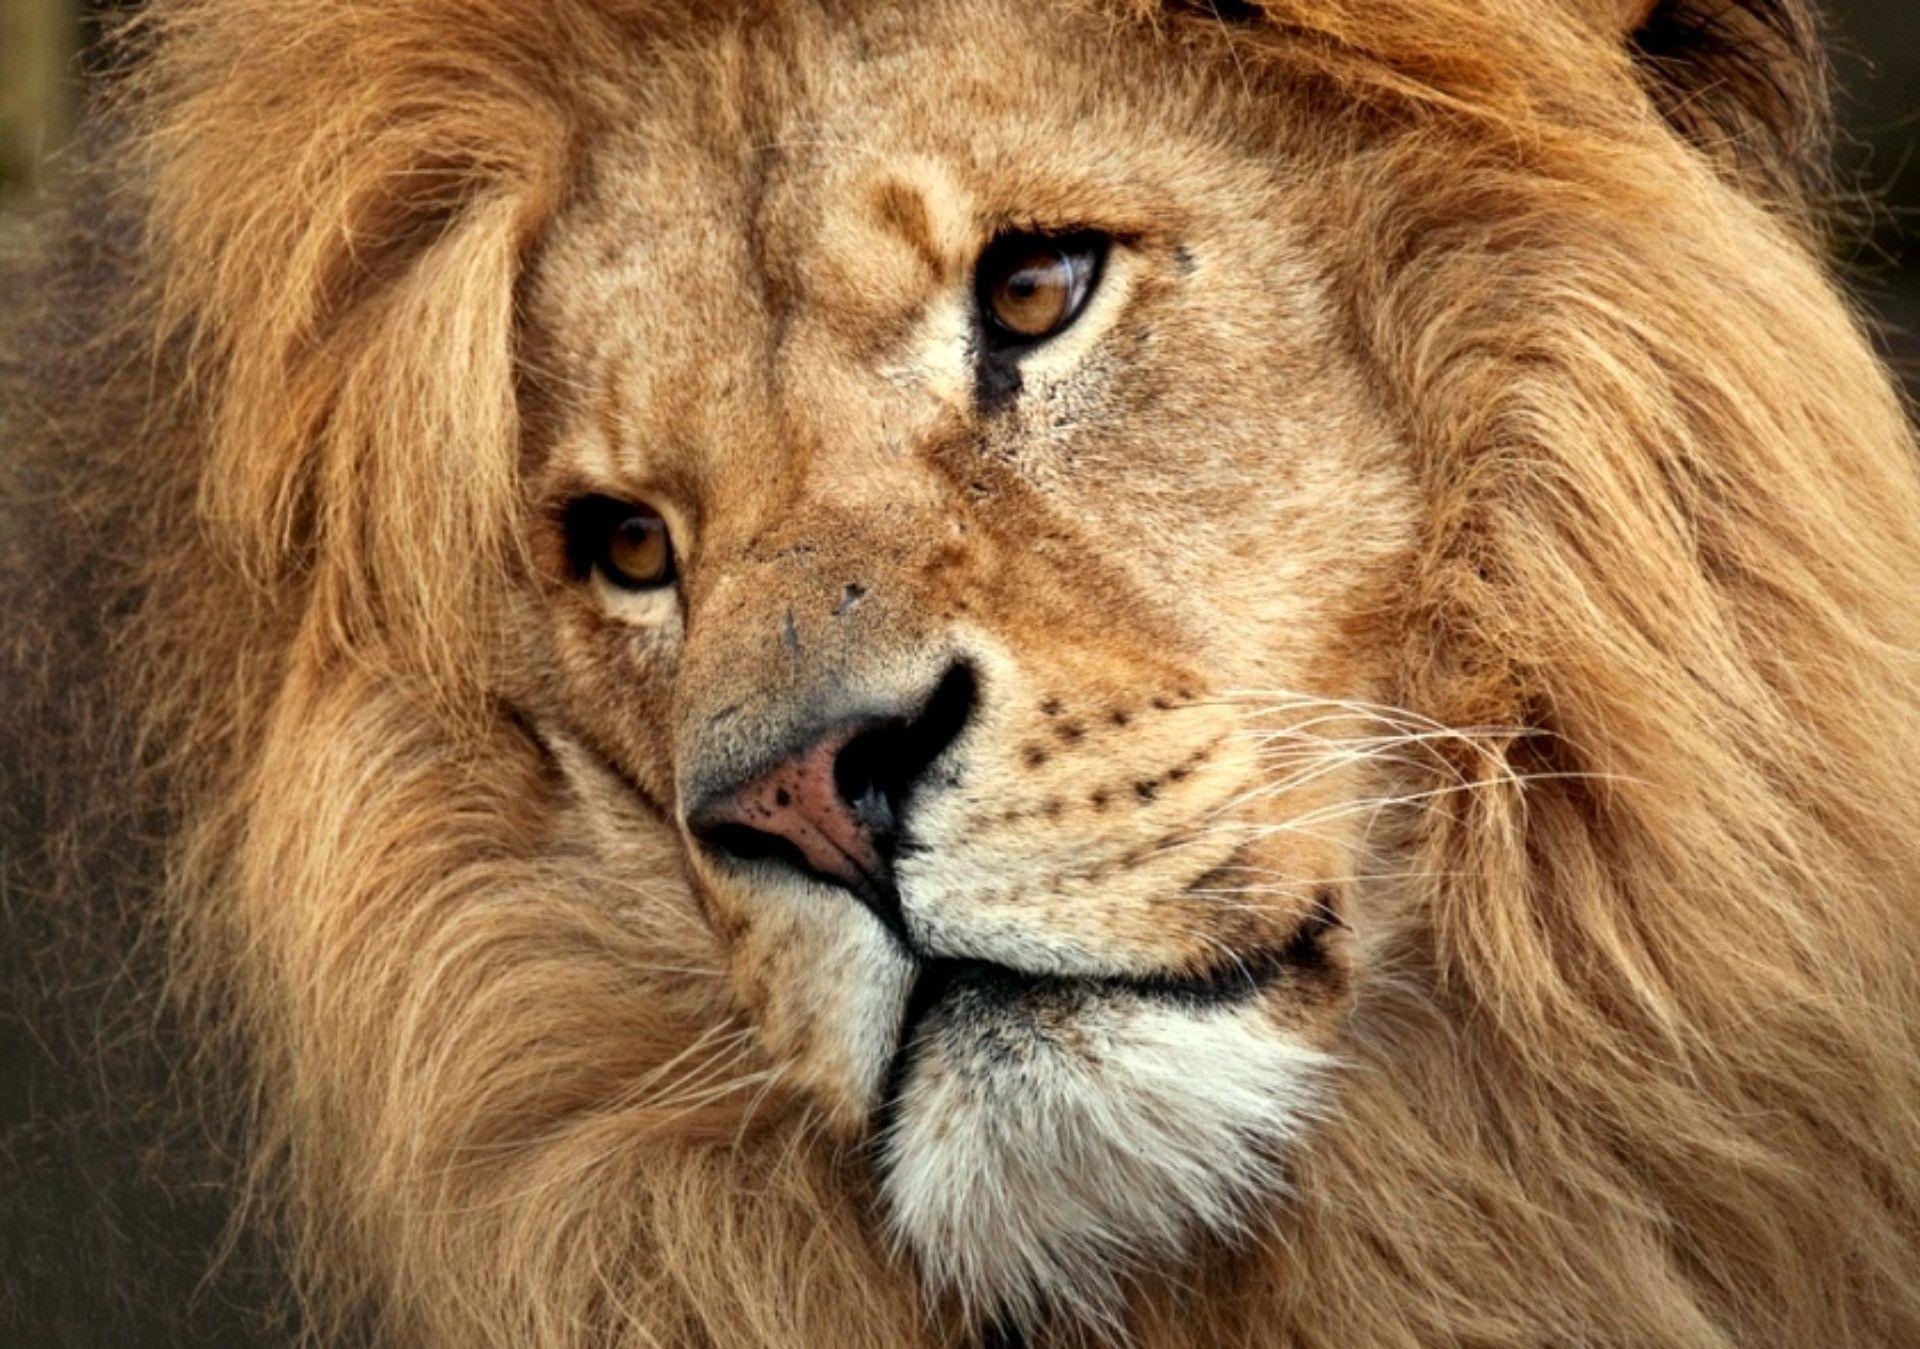 lion face wallpaper - photo #8